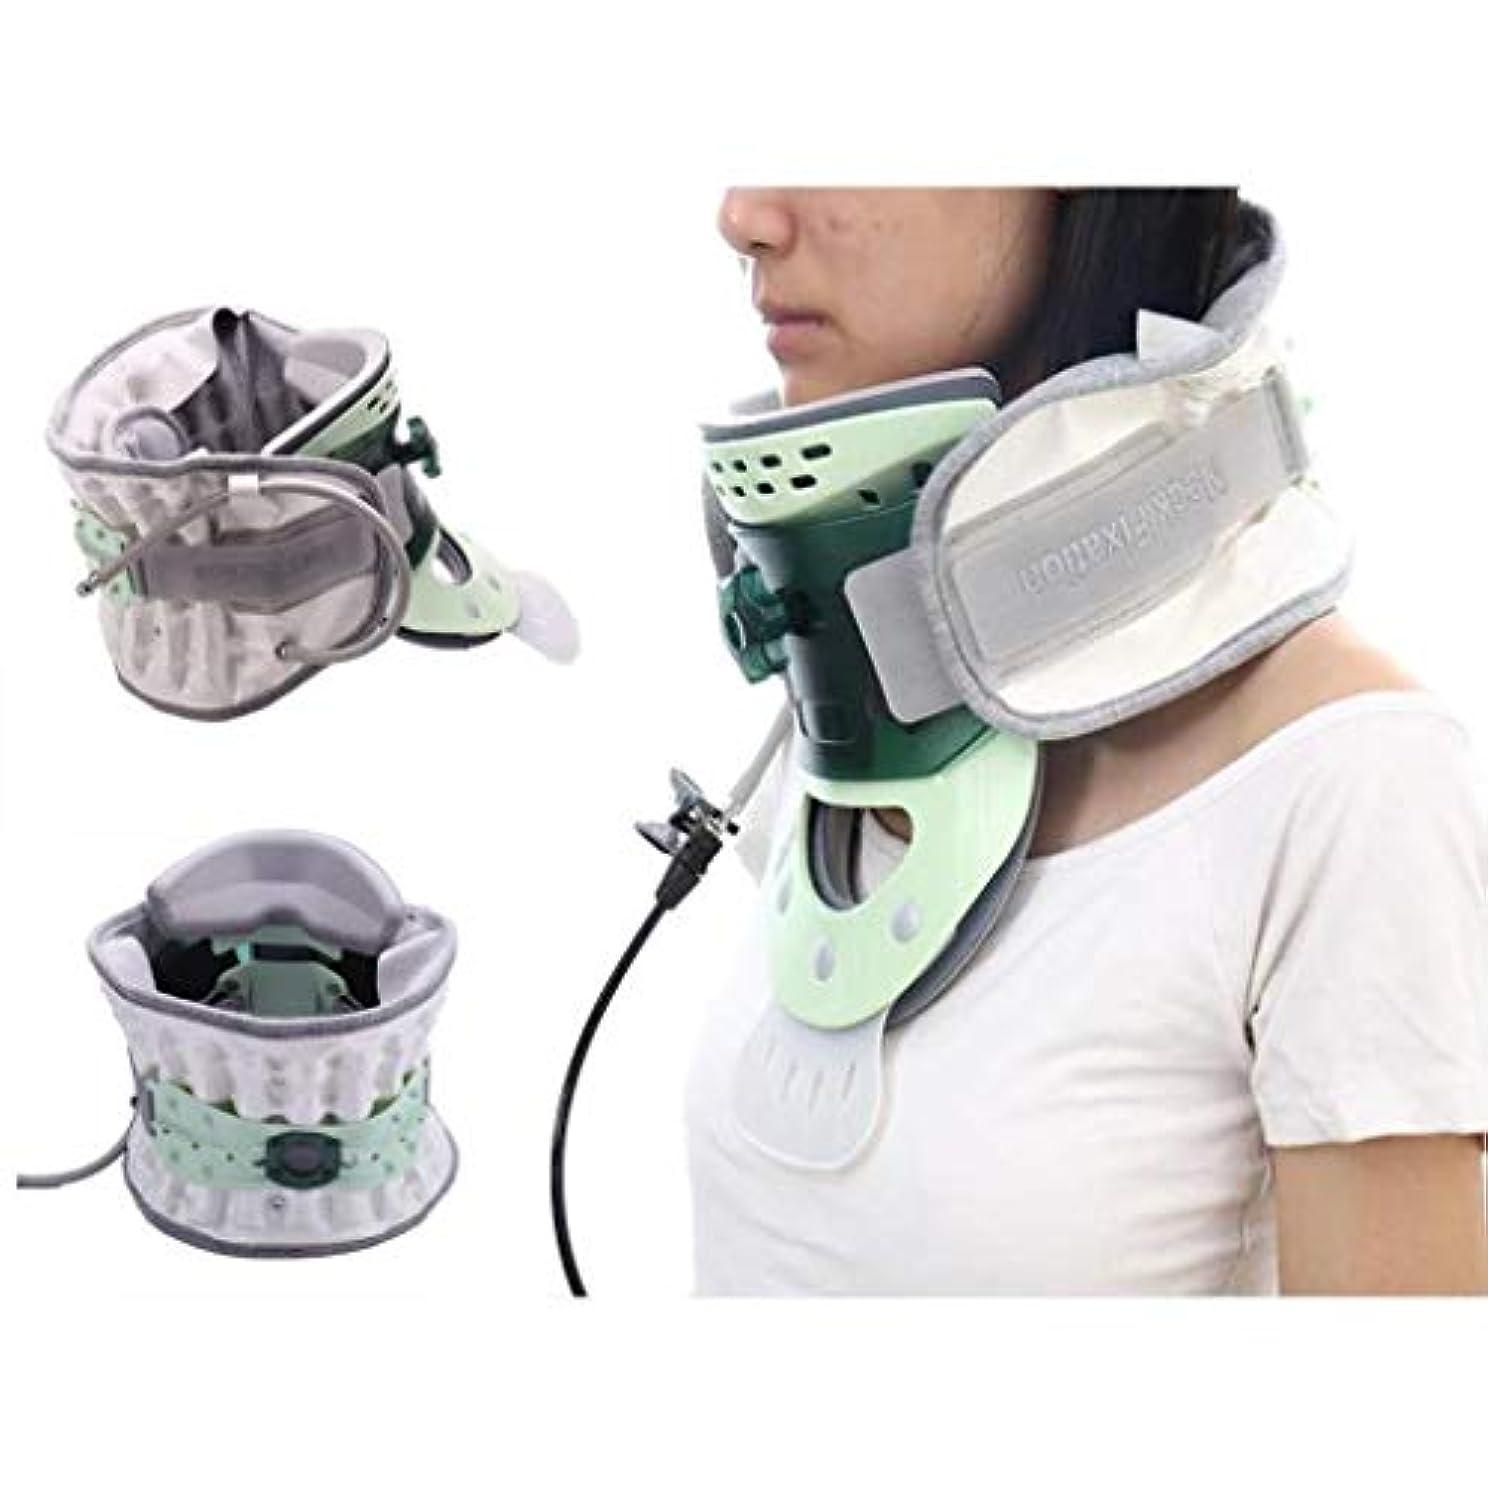 東方幻滅する影響首の痛みや頸椎症の人に適したインフレータブル頸椎トラクター、首牽引装置、家の保護頸椎矯正器具